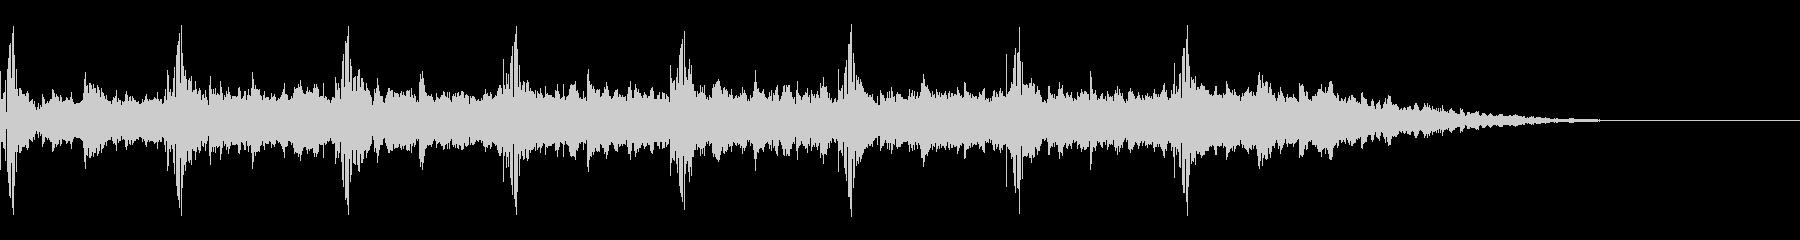 重低音でやや重めのシンキングタイムの未再生の波形